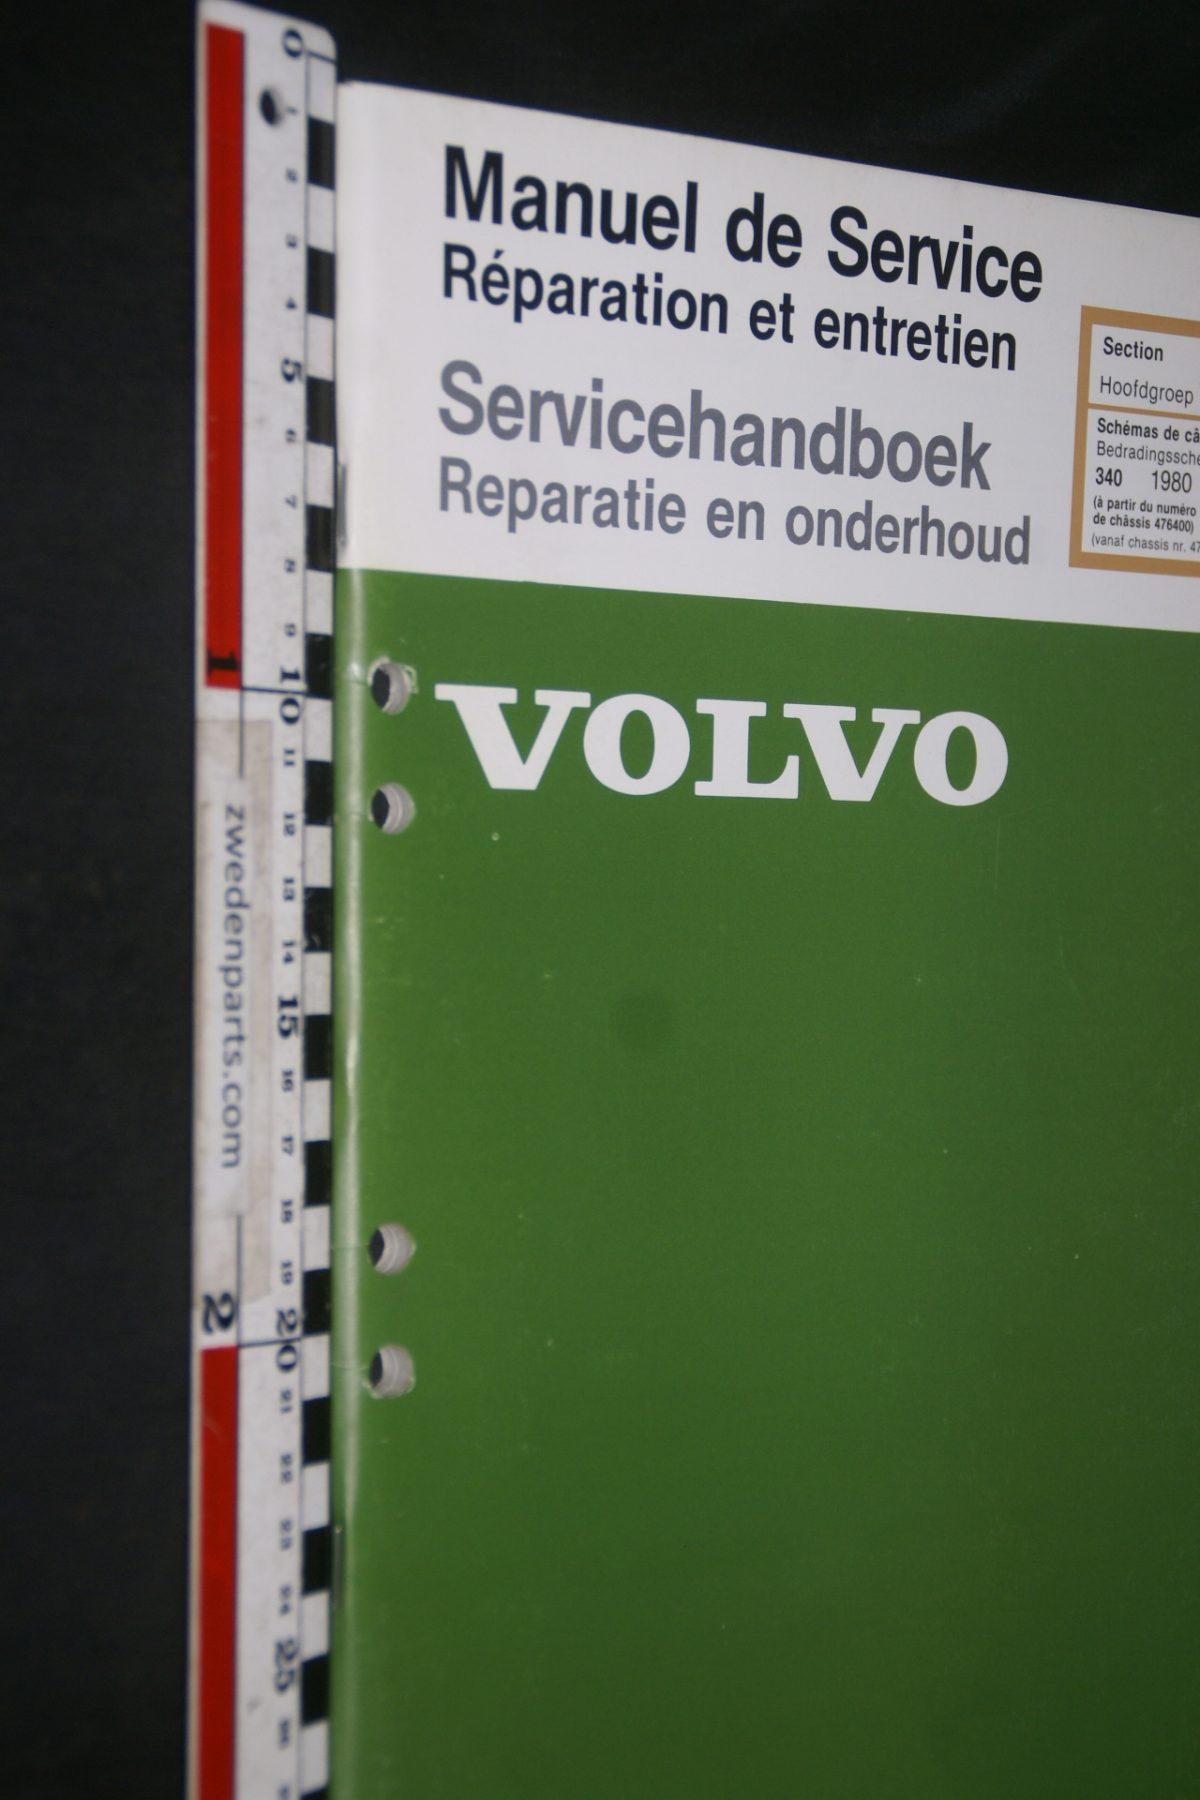 DSC06858 1979 origineel Volvo 340 servicehandboek 3(39) bedradingsschema 1 van 2000 TP 35035-1 Francais, Hollands